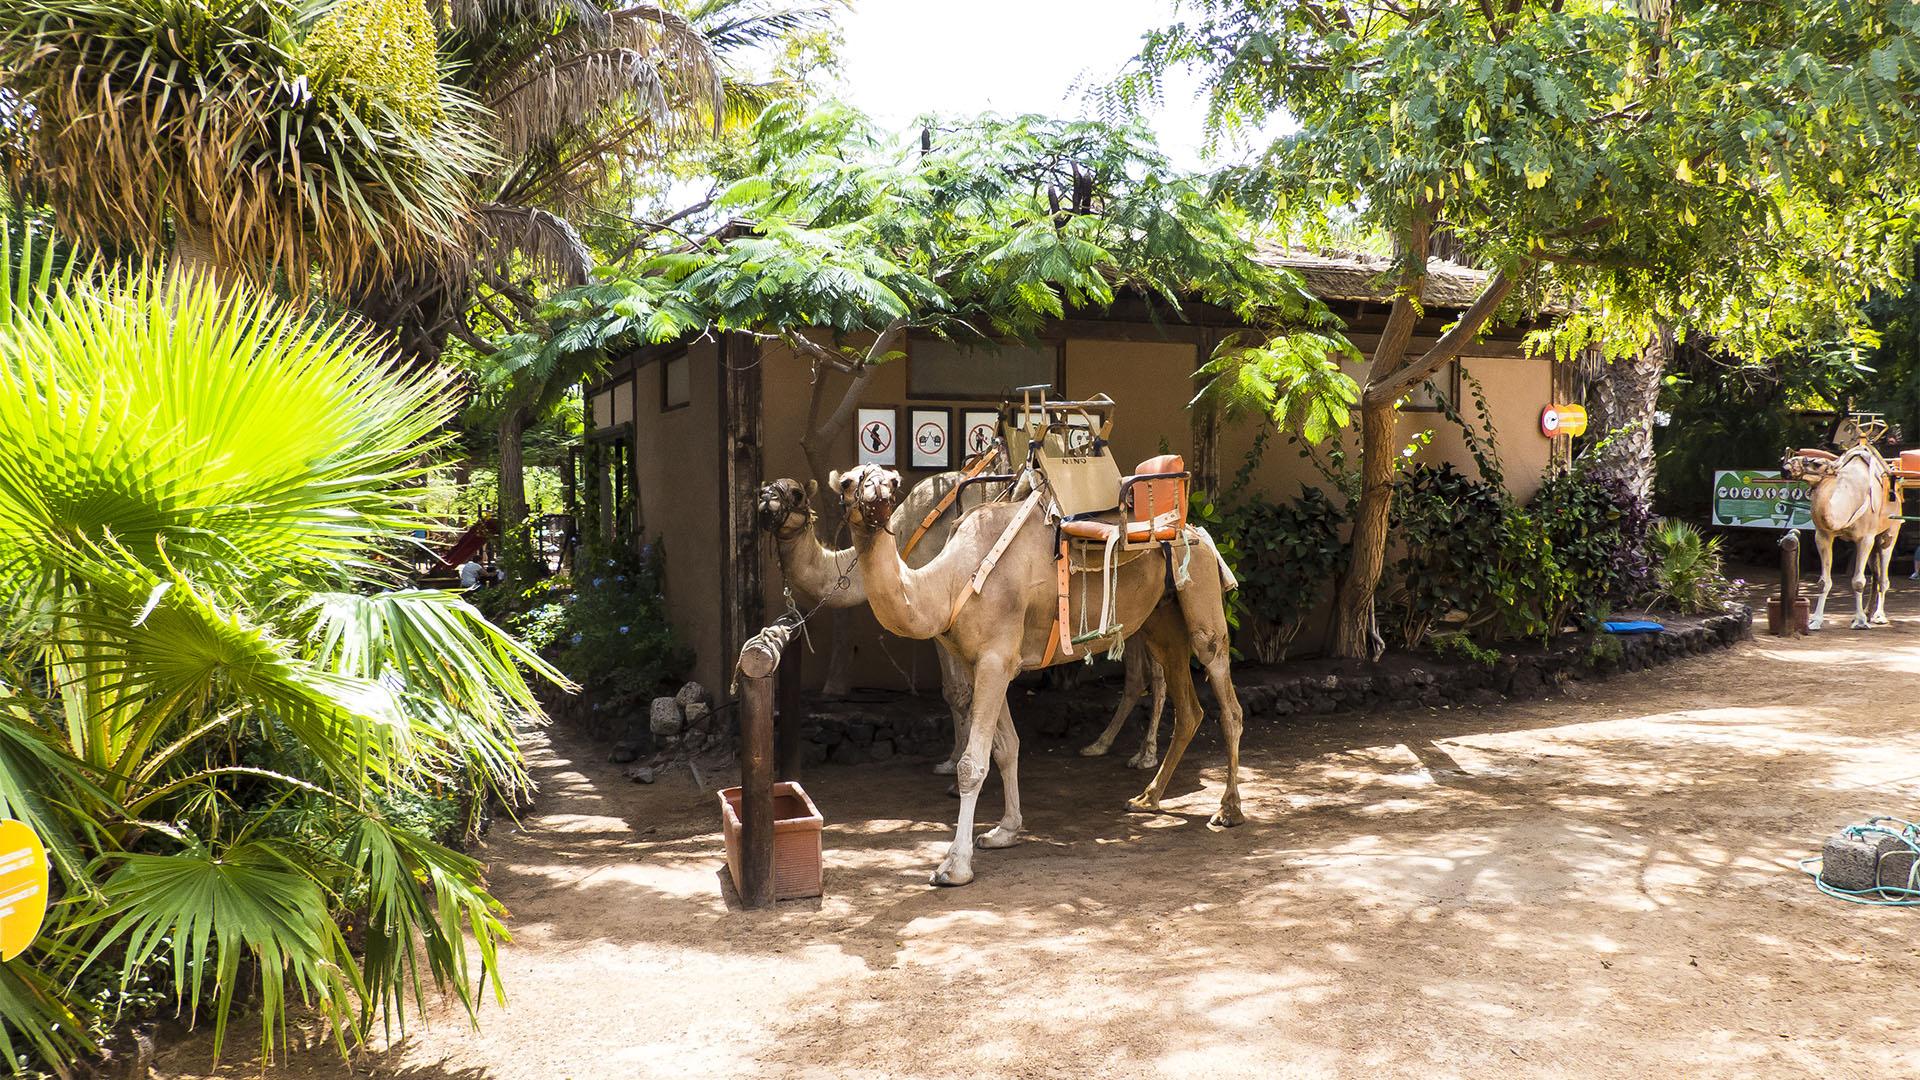 Freizeitparks Fuerteventura: Der Oasis Park in La Lajita – Tier- und Pflanzenwelt.